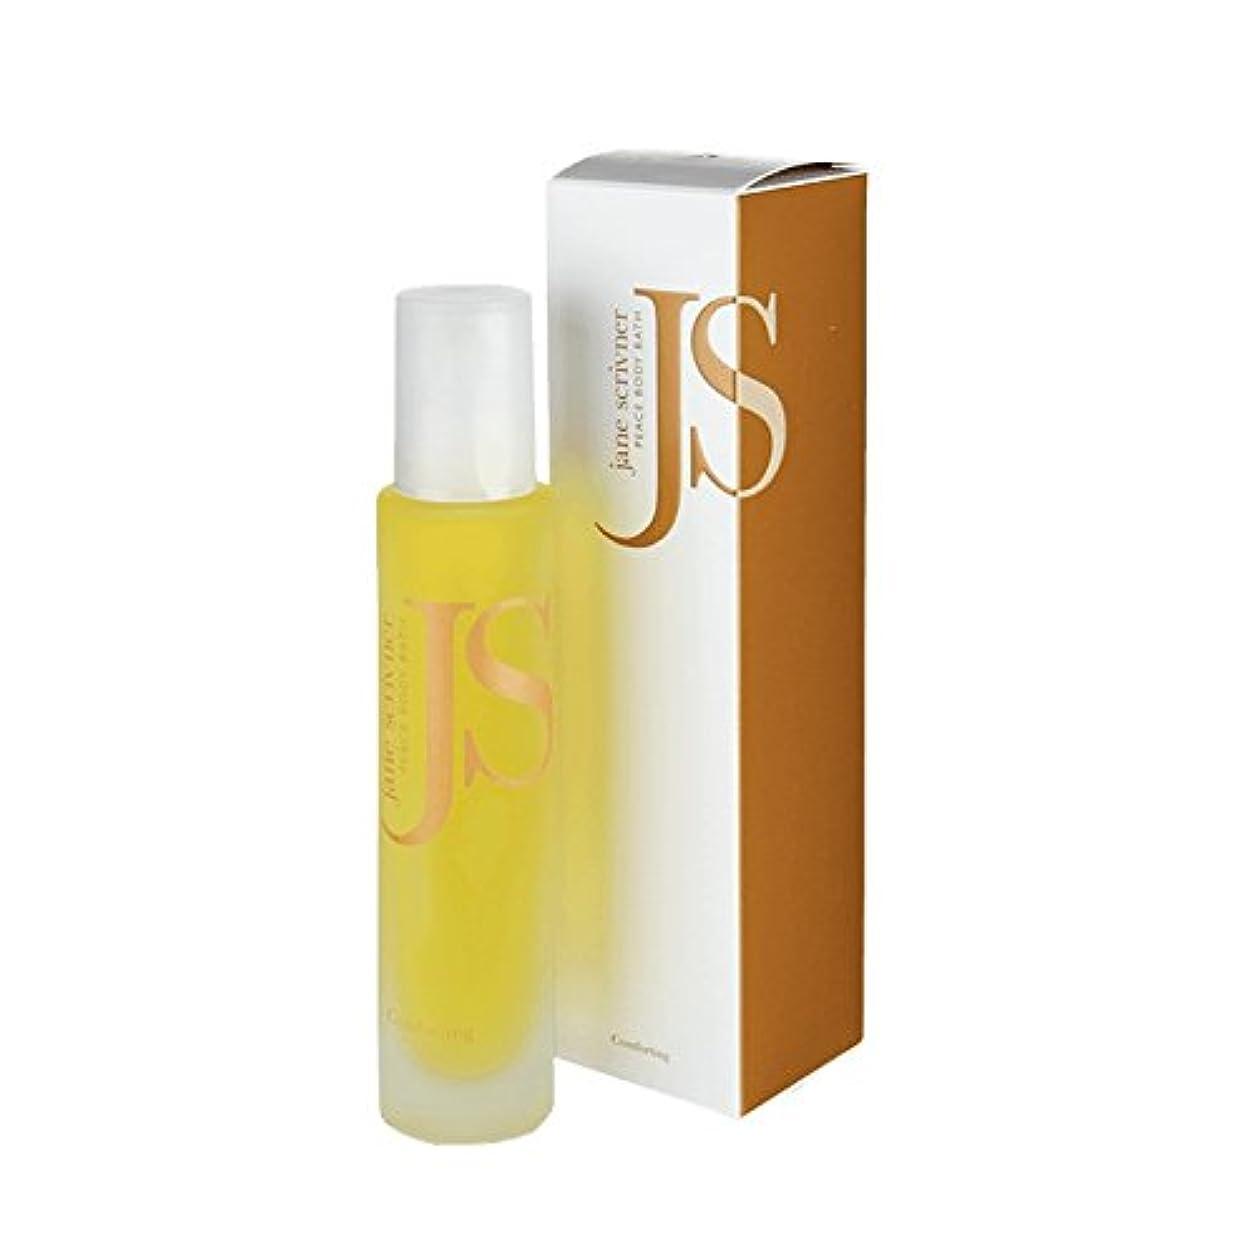 本物暗殺者リビングルームJane Scrivner Body Bath Oil Peace 100ml (Pack of 6) - ジェーンScrivnerボディバスオイル平和100ミリリットル (x6) [並行輸入品]